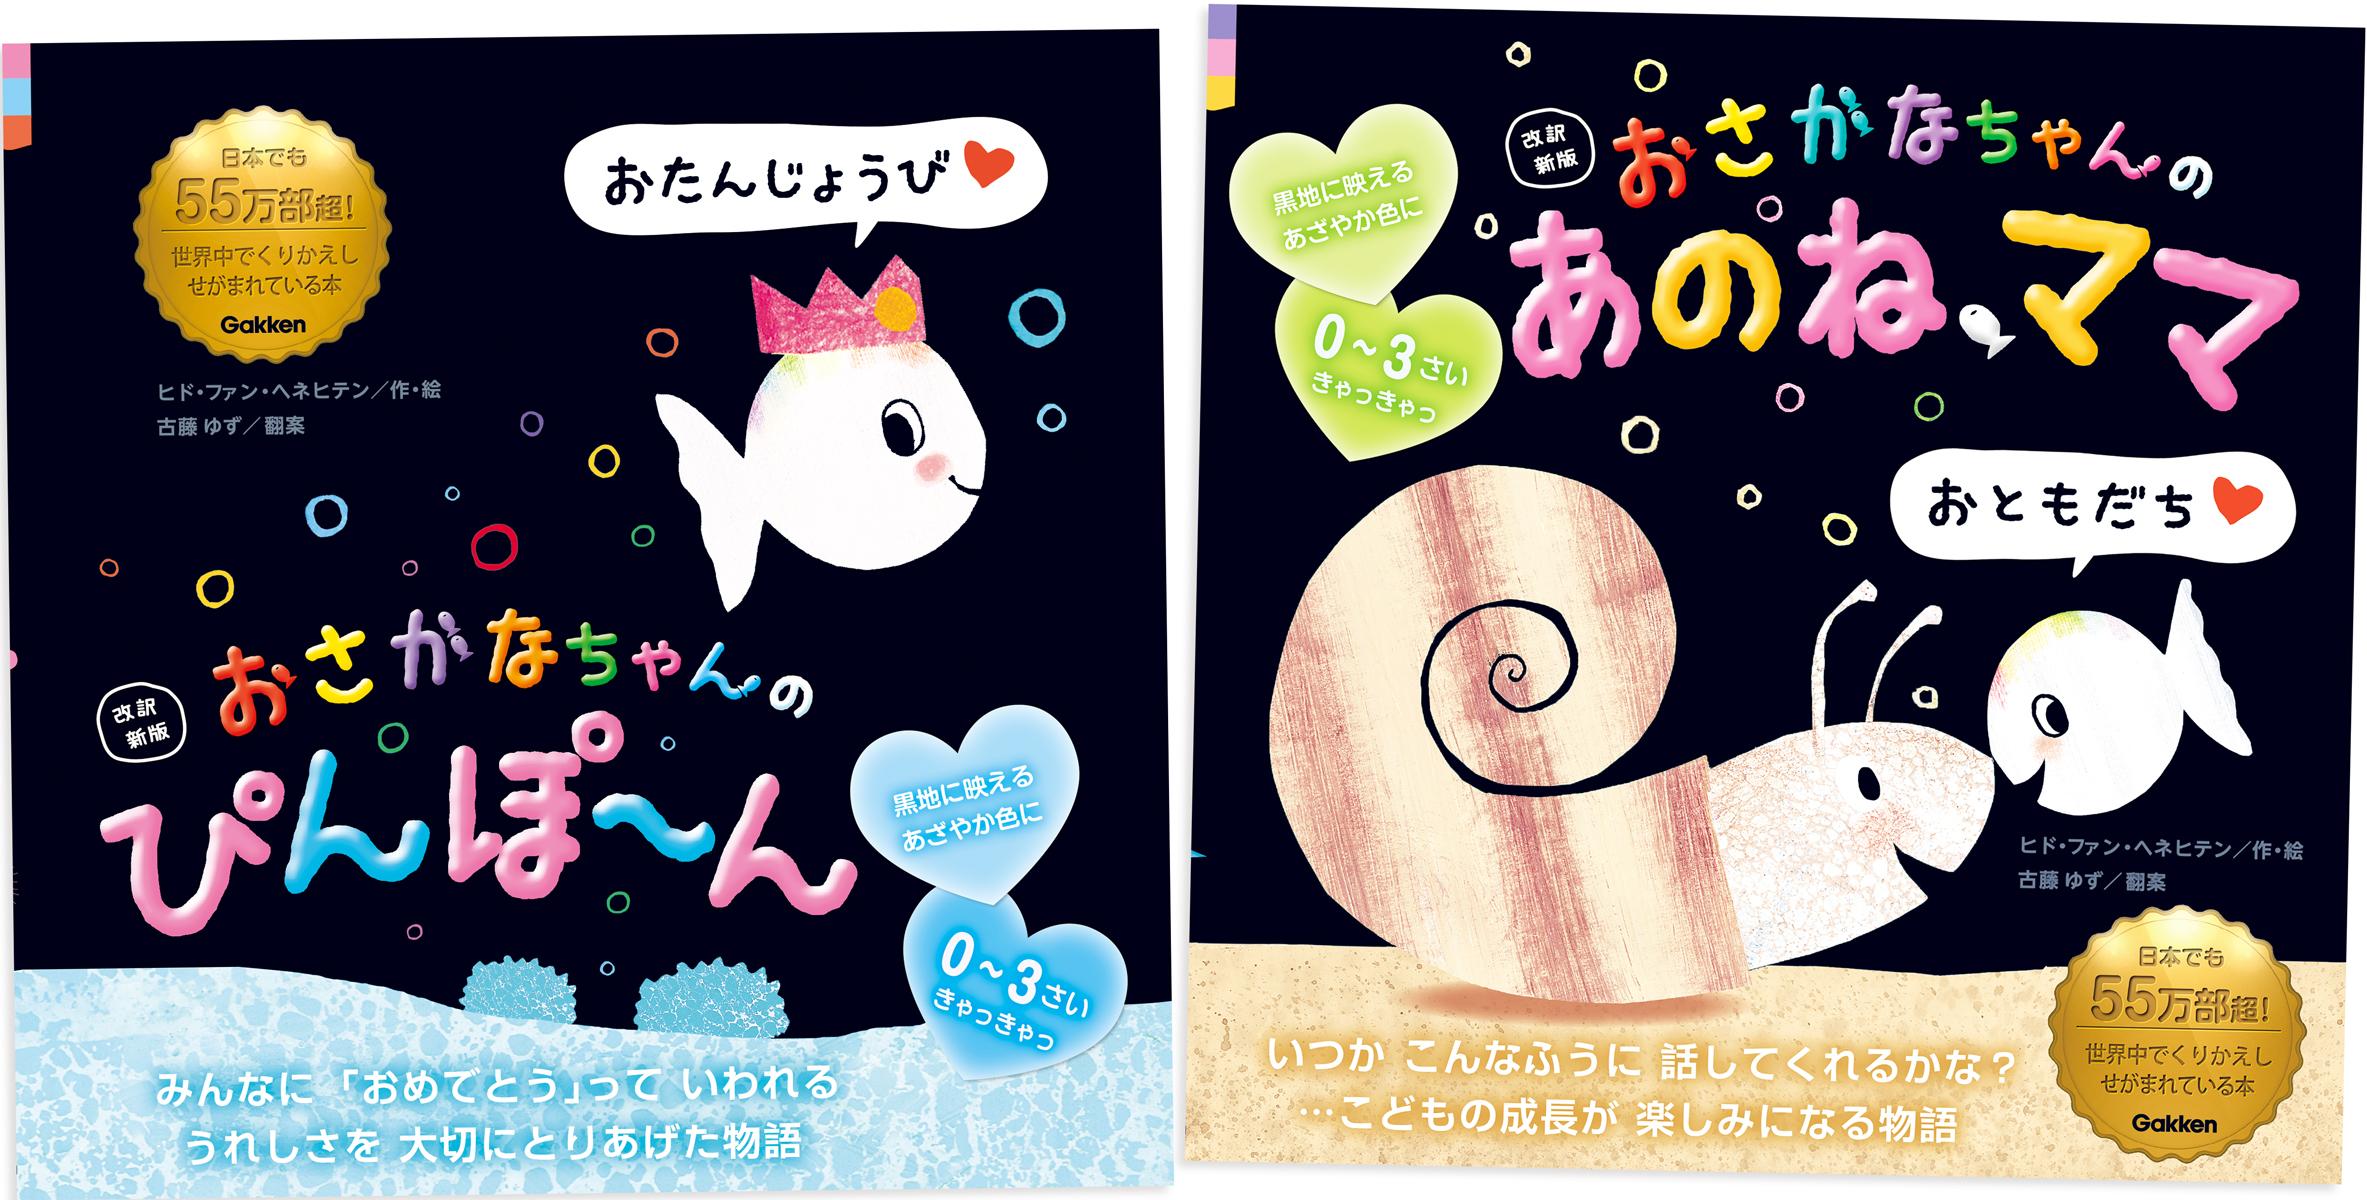 『改訳新版 おさかなちゃんの ぴんぽ~ん』『改訳新版 おさかなちゃんの あのね、ママ』書影